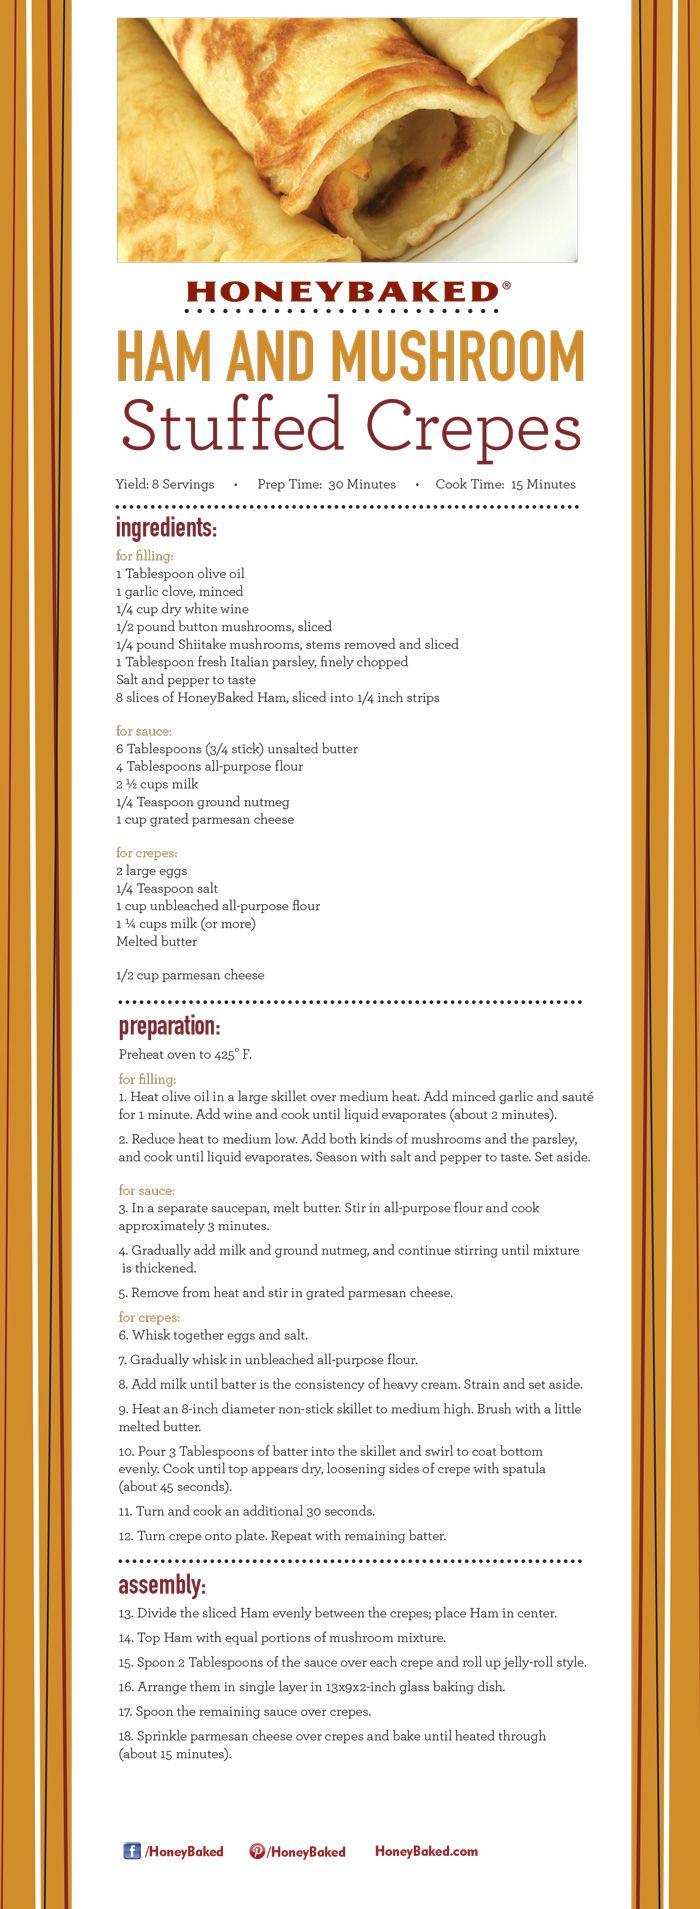 HoneyBaked Ham and Mushroom Stuffed Crepes #HoneyBaked #Ham #Recipe www.HoneyBaked.comRecipe Www Honeybaked Com, Crepes Honeybaked, Honeybaked Recipe, Hams Mushrooms, Stuffed Crepes, Honeybaked Hams, Hams Recipe, Crepes Recipe, Mushrooms Stuffed